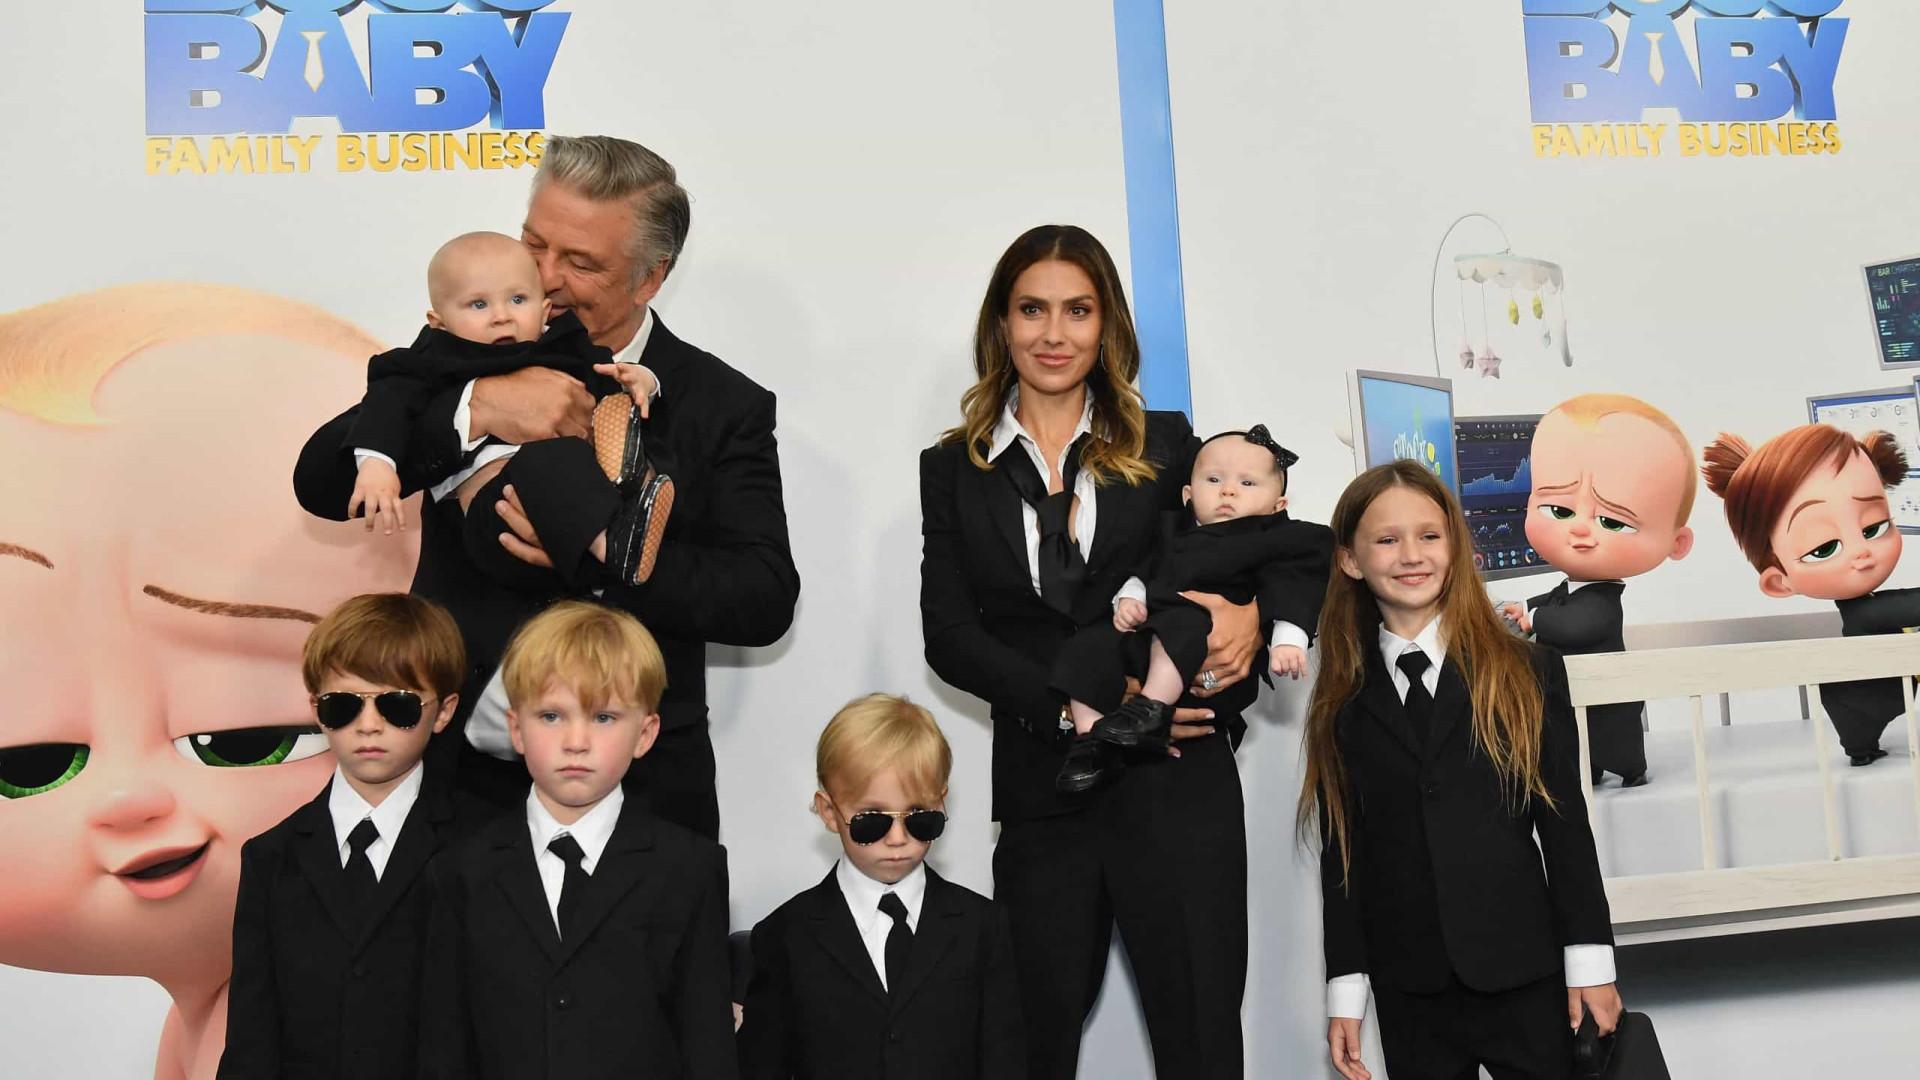 Alec e Hilaria Baldwin combinam look com os seis filhos em evento